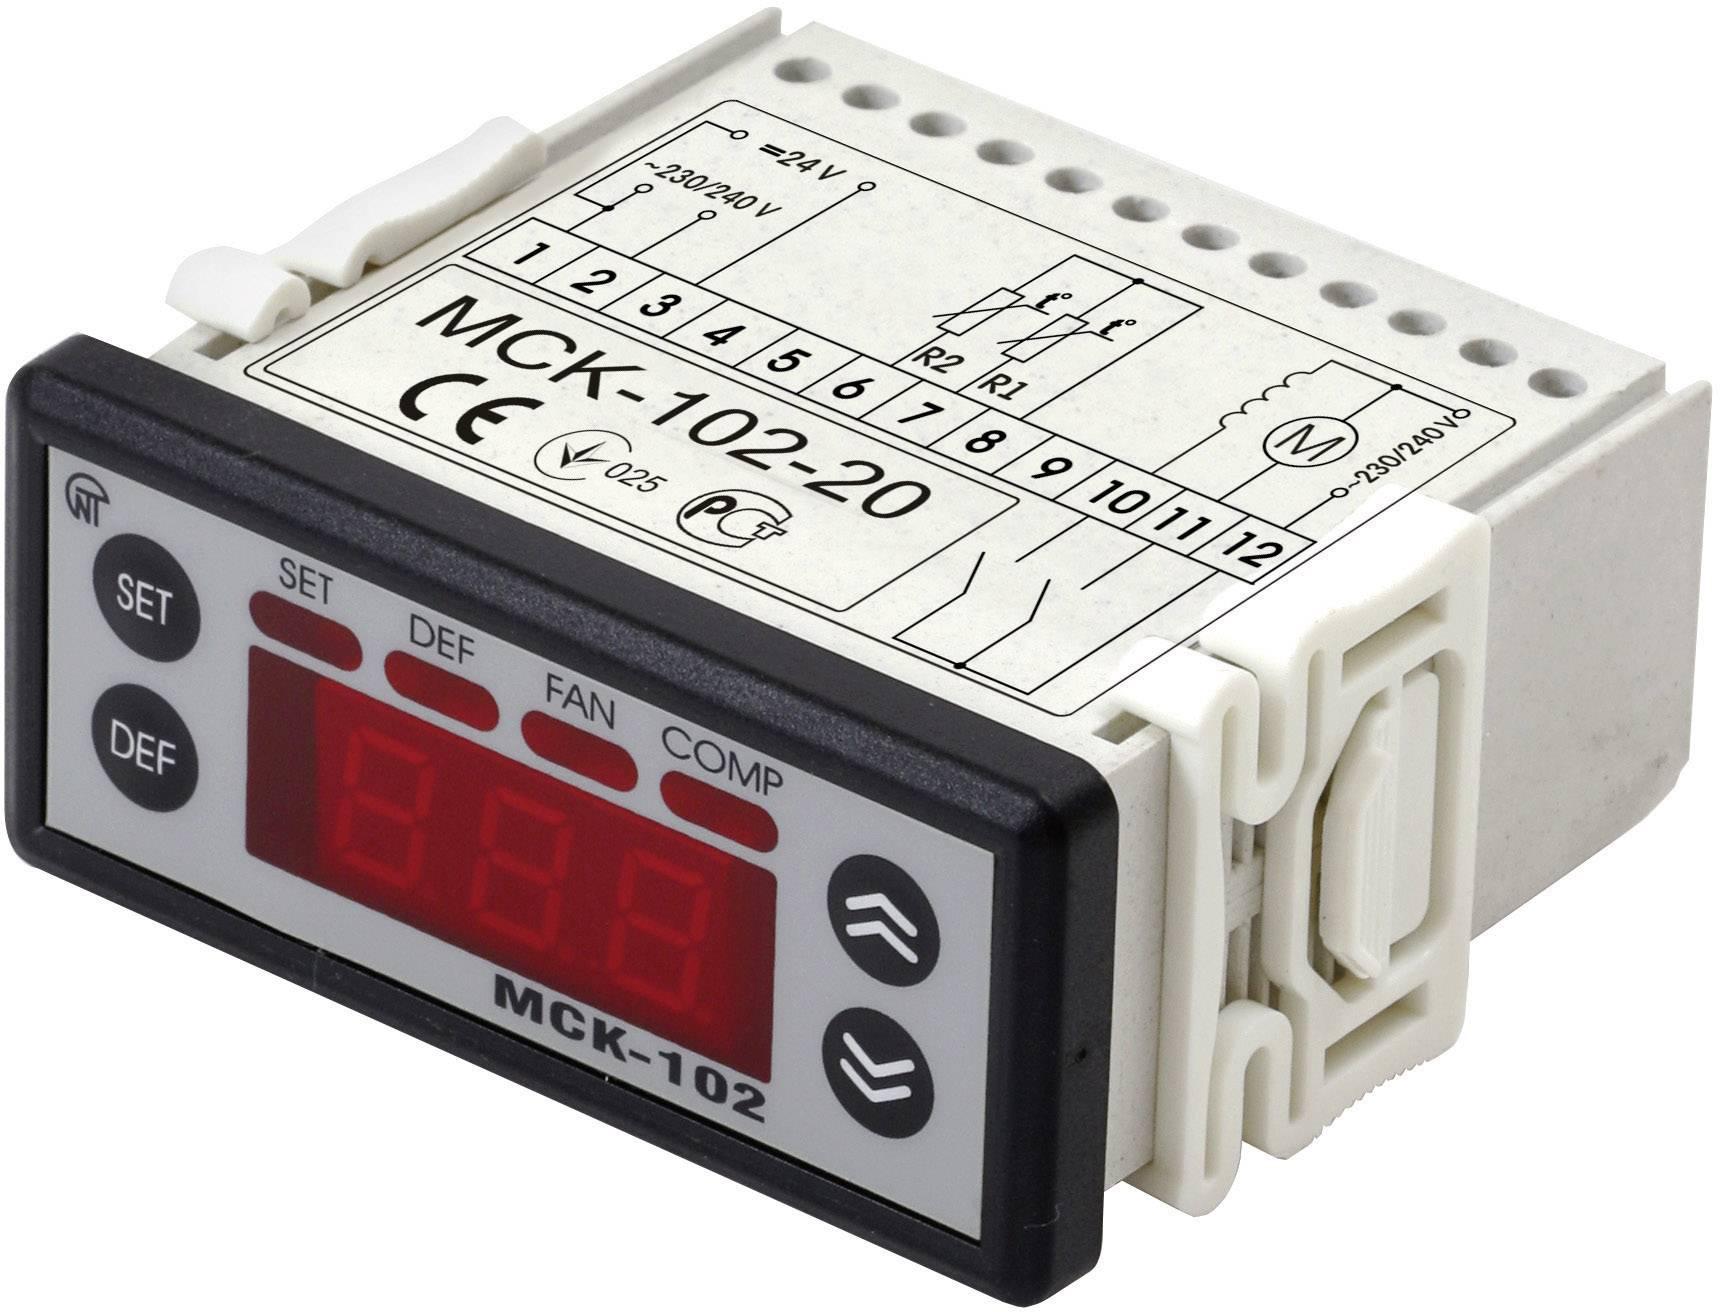 Riadiace relé Novatek MSK-102-2 MSK-102-2, Vstupy merania 2 NTC Sensoren